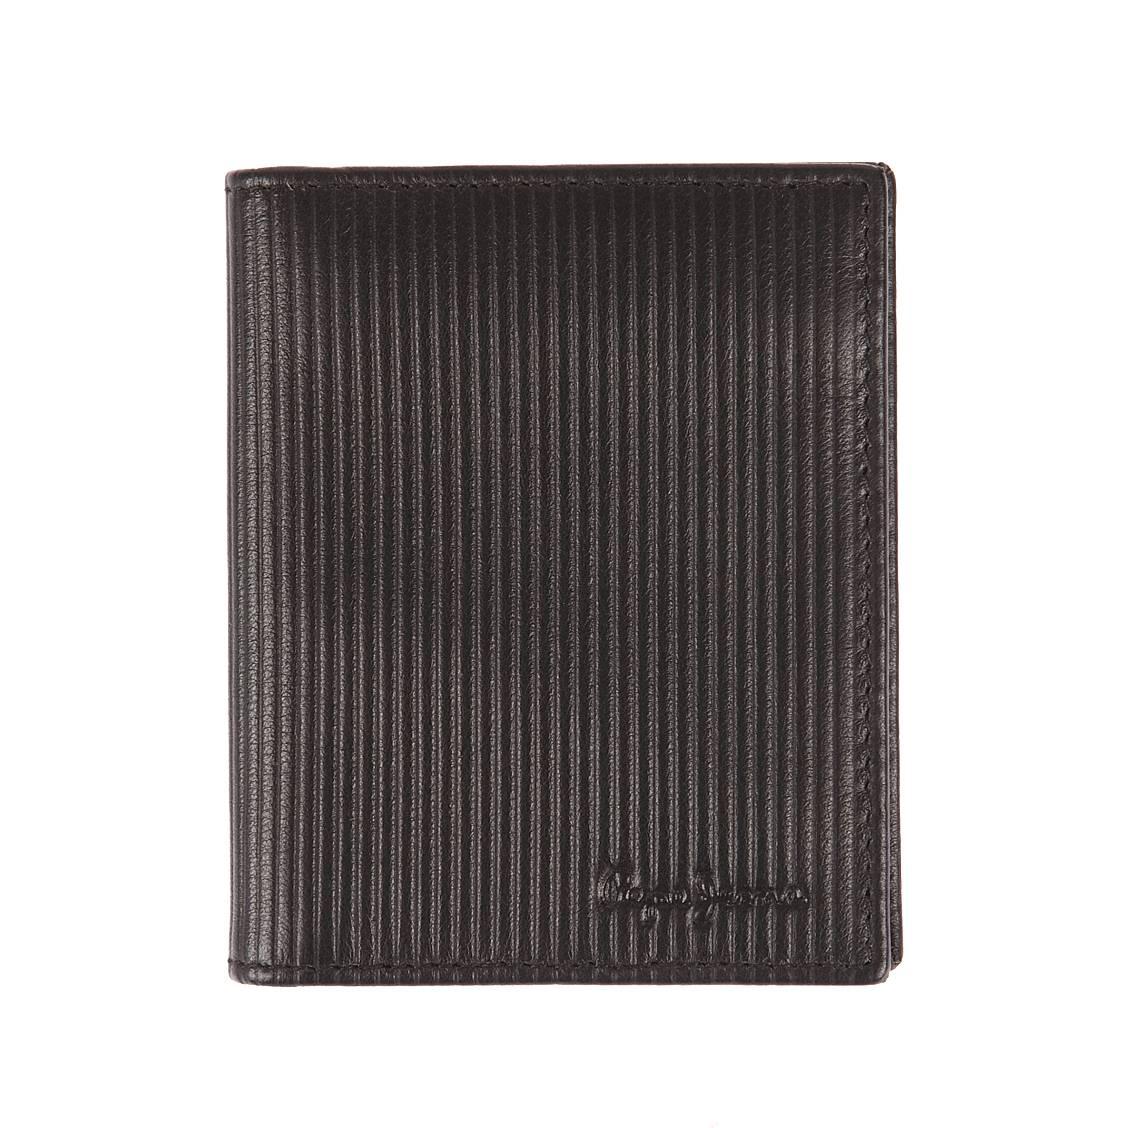 Porte-cartes européen 2 volets pepe jeans en cuir noir strié